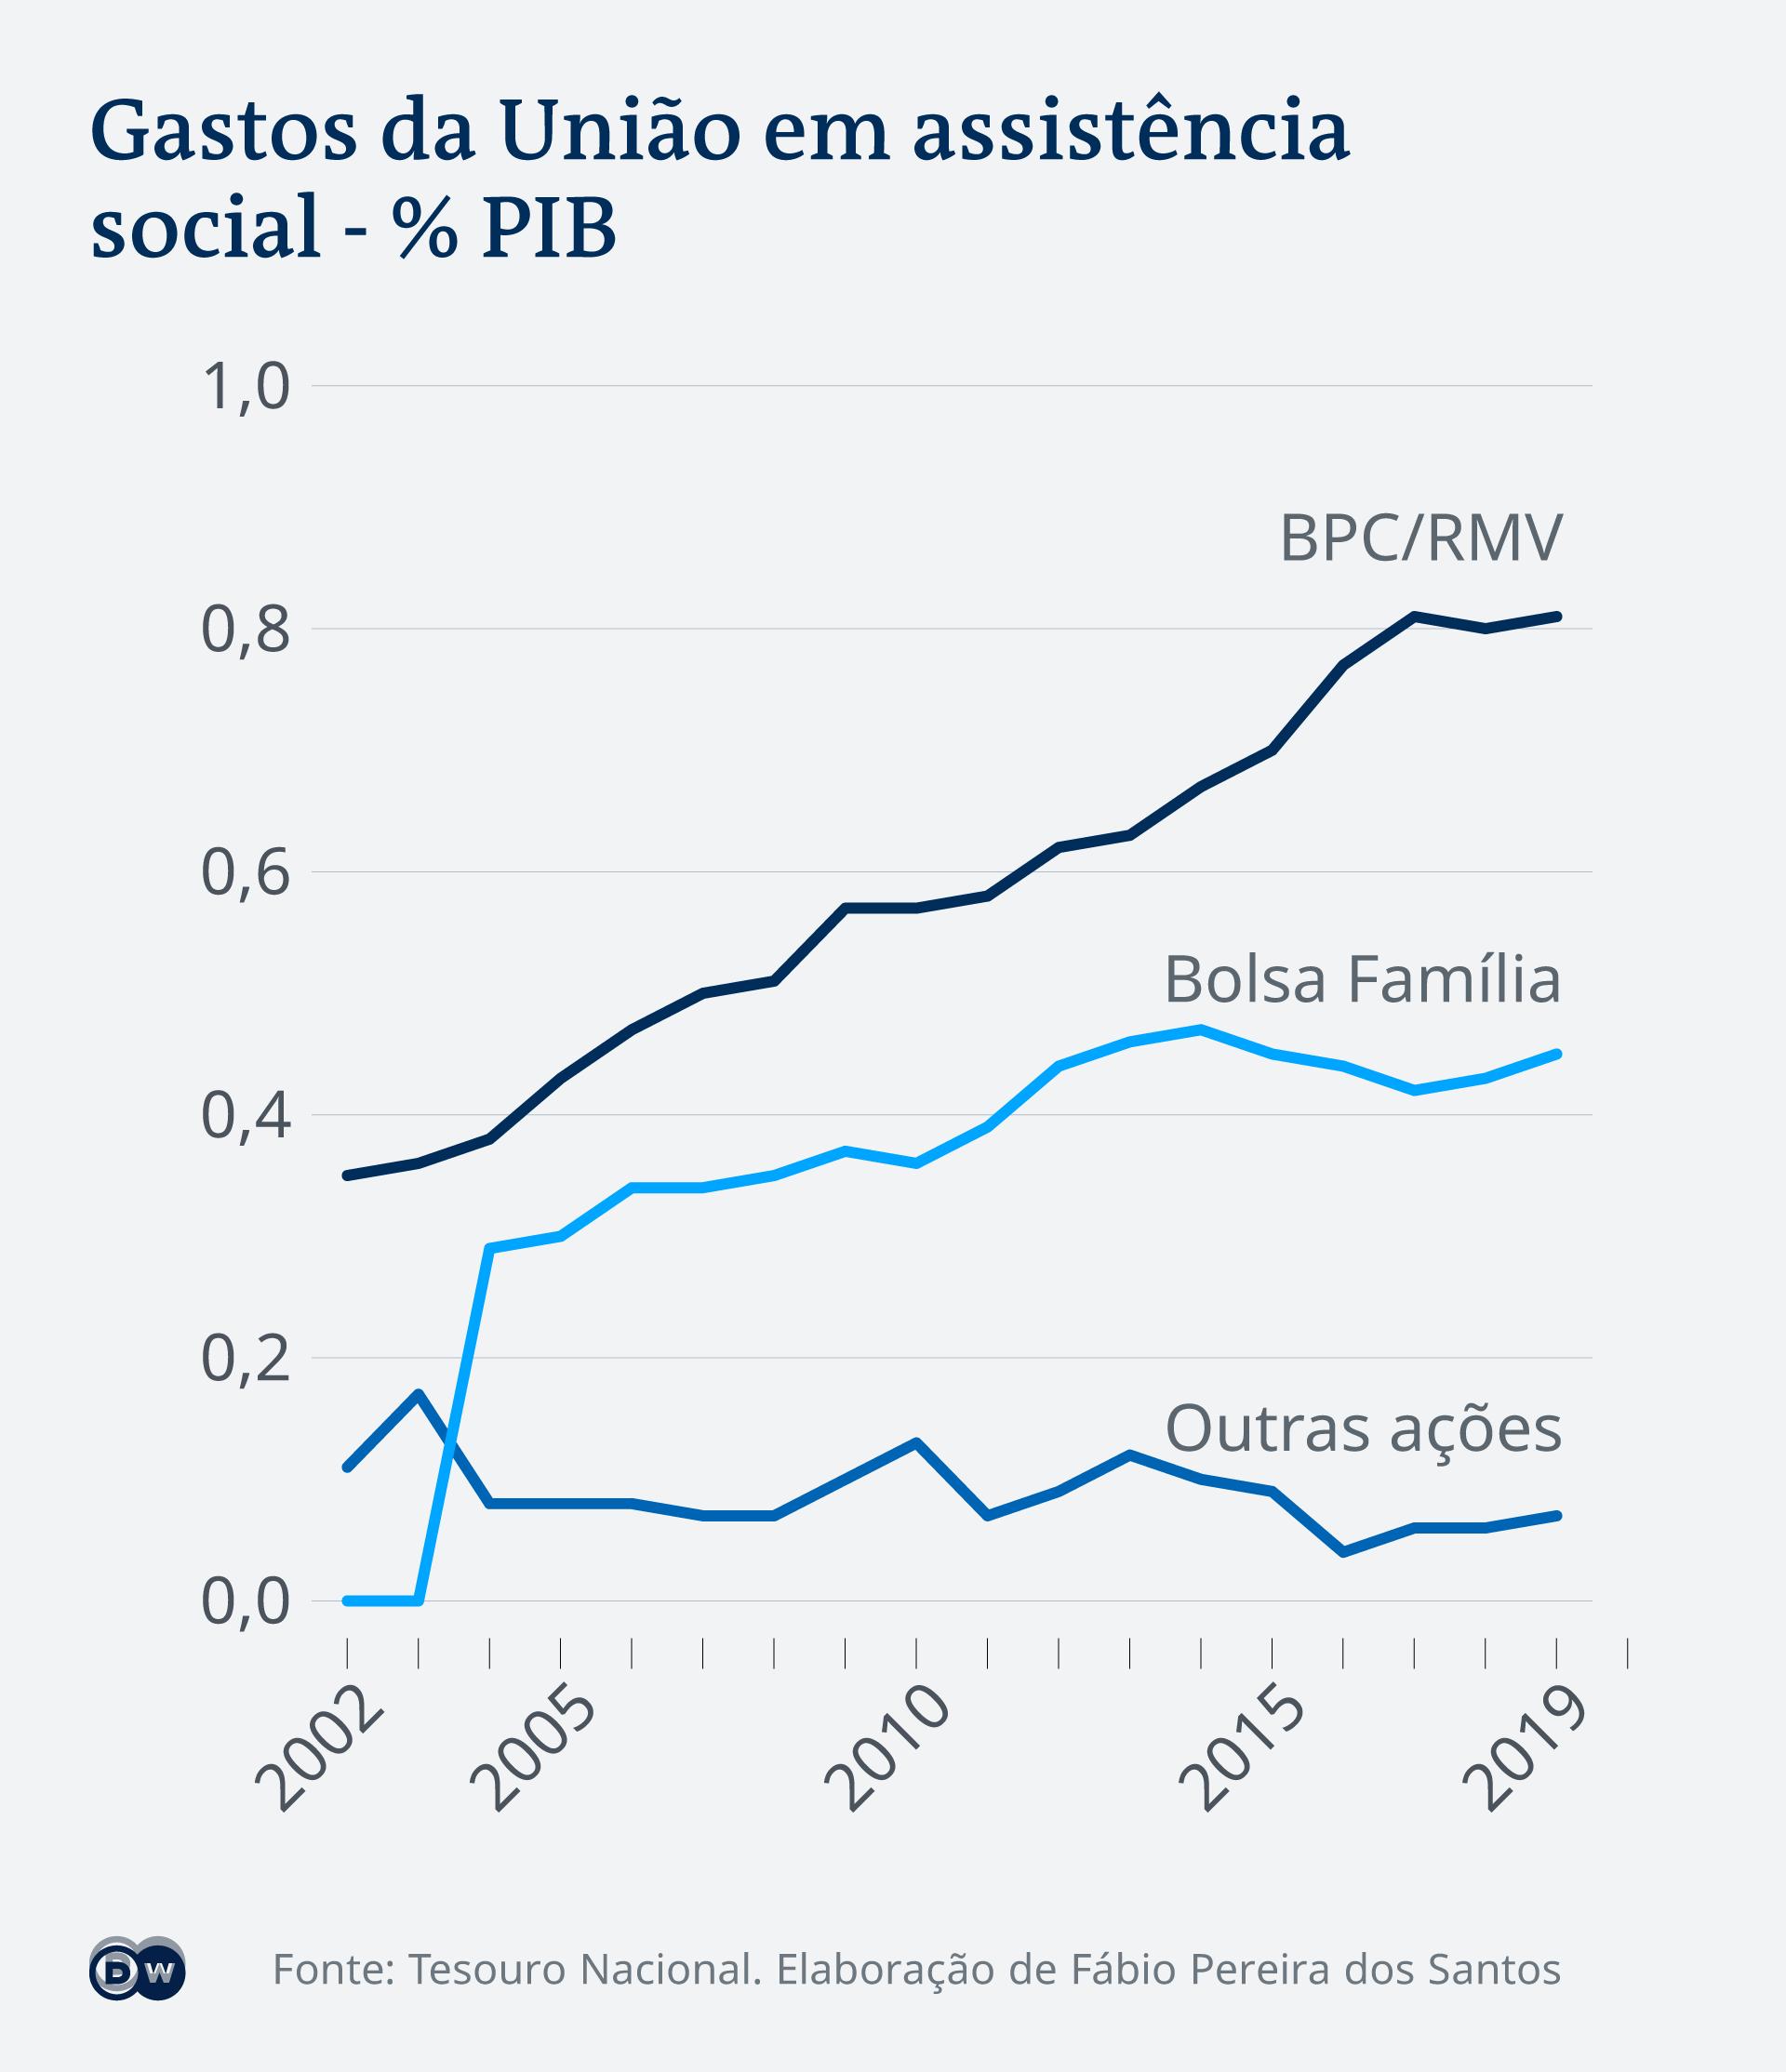 Infográfico mostra os gastos da União em assistência social ao longo dos anos